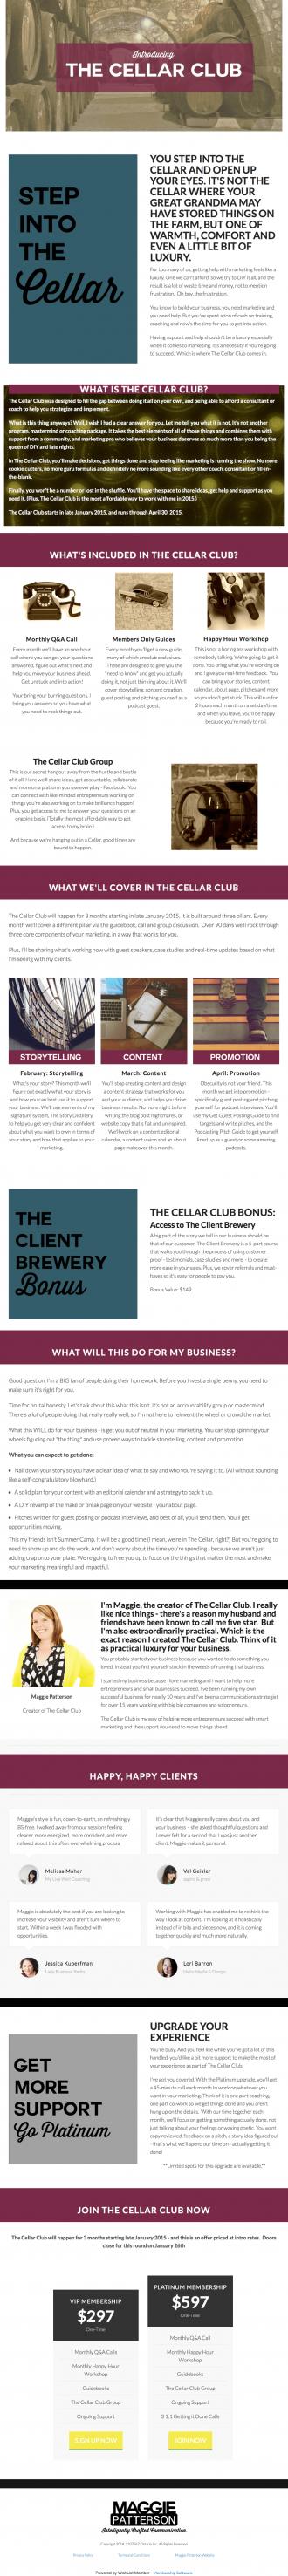 The Cellar Club